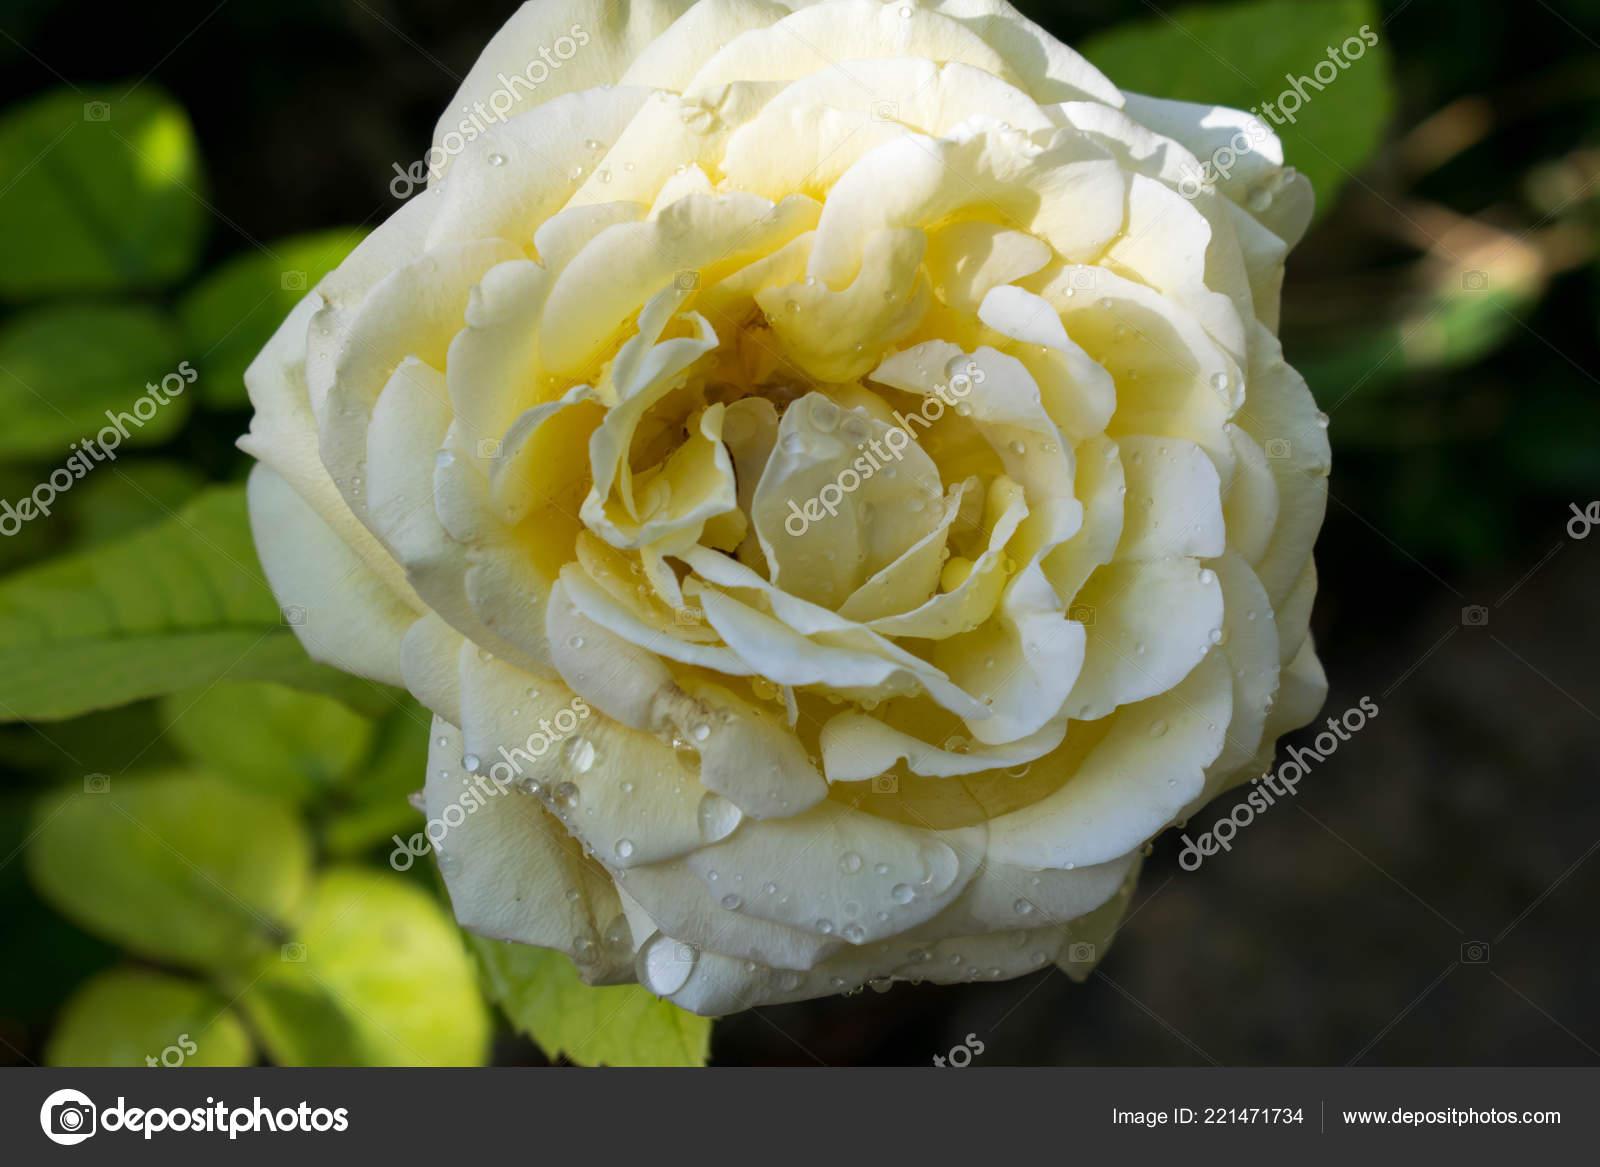 Carta Da Parati Rosa Bianca : Bella bianco rosa grandi dimensioni chiuda disegno sfondo carta